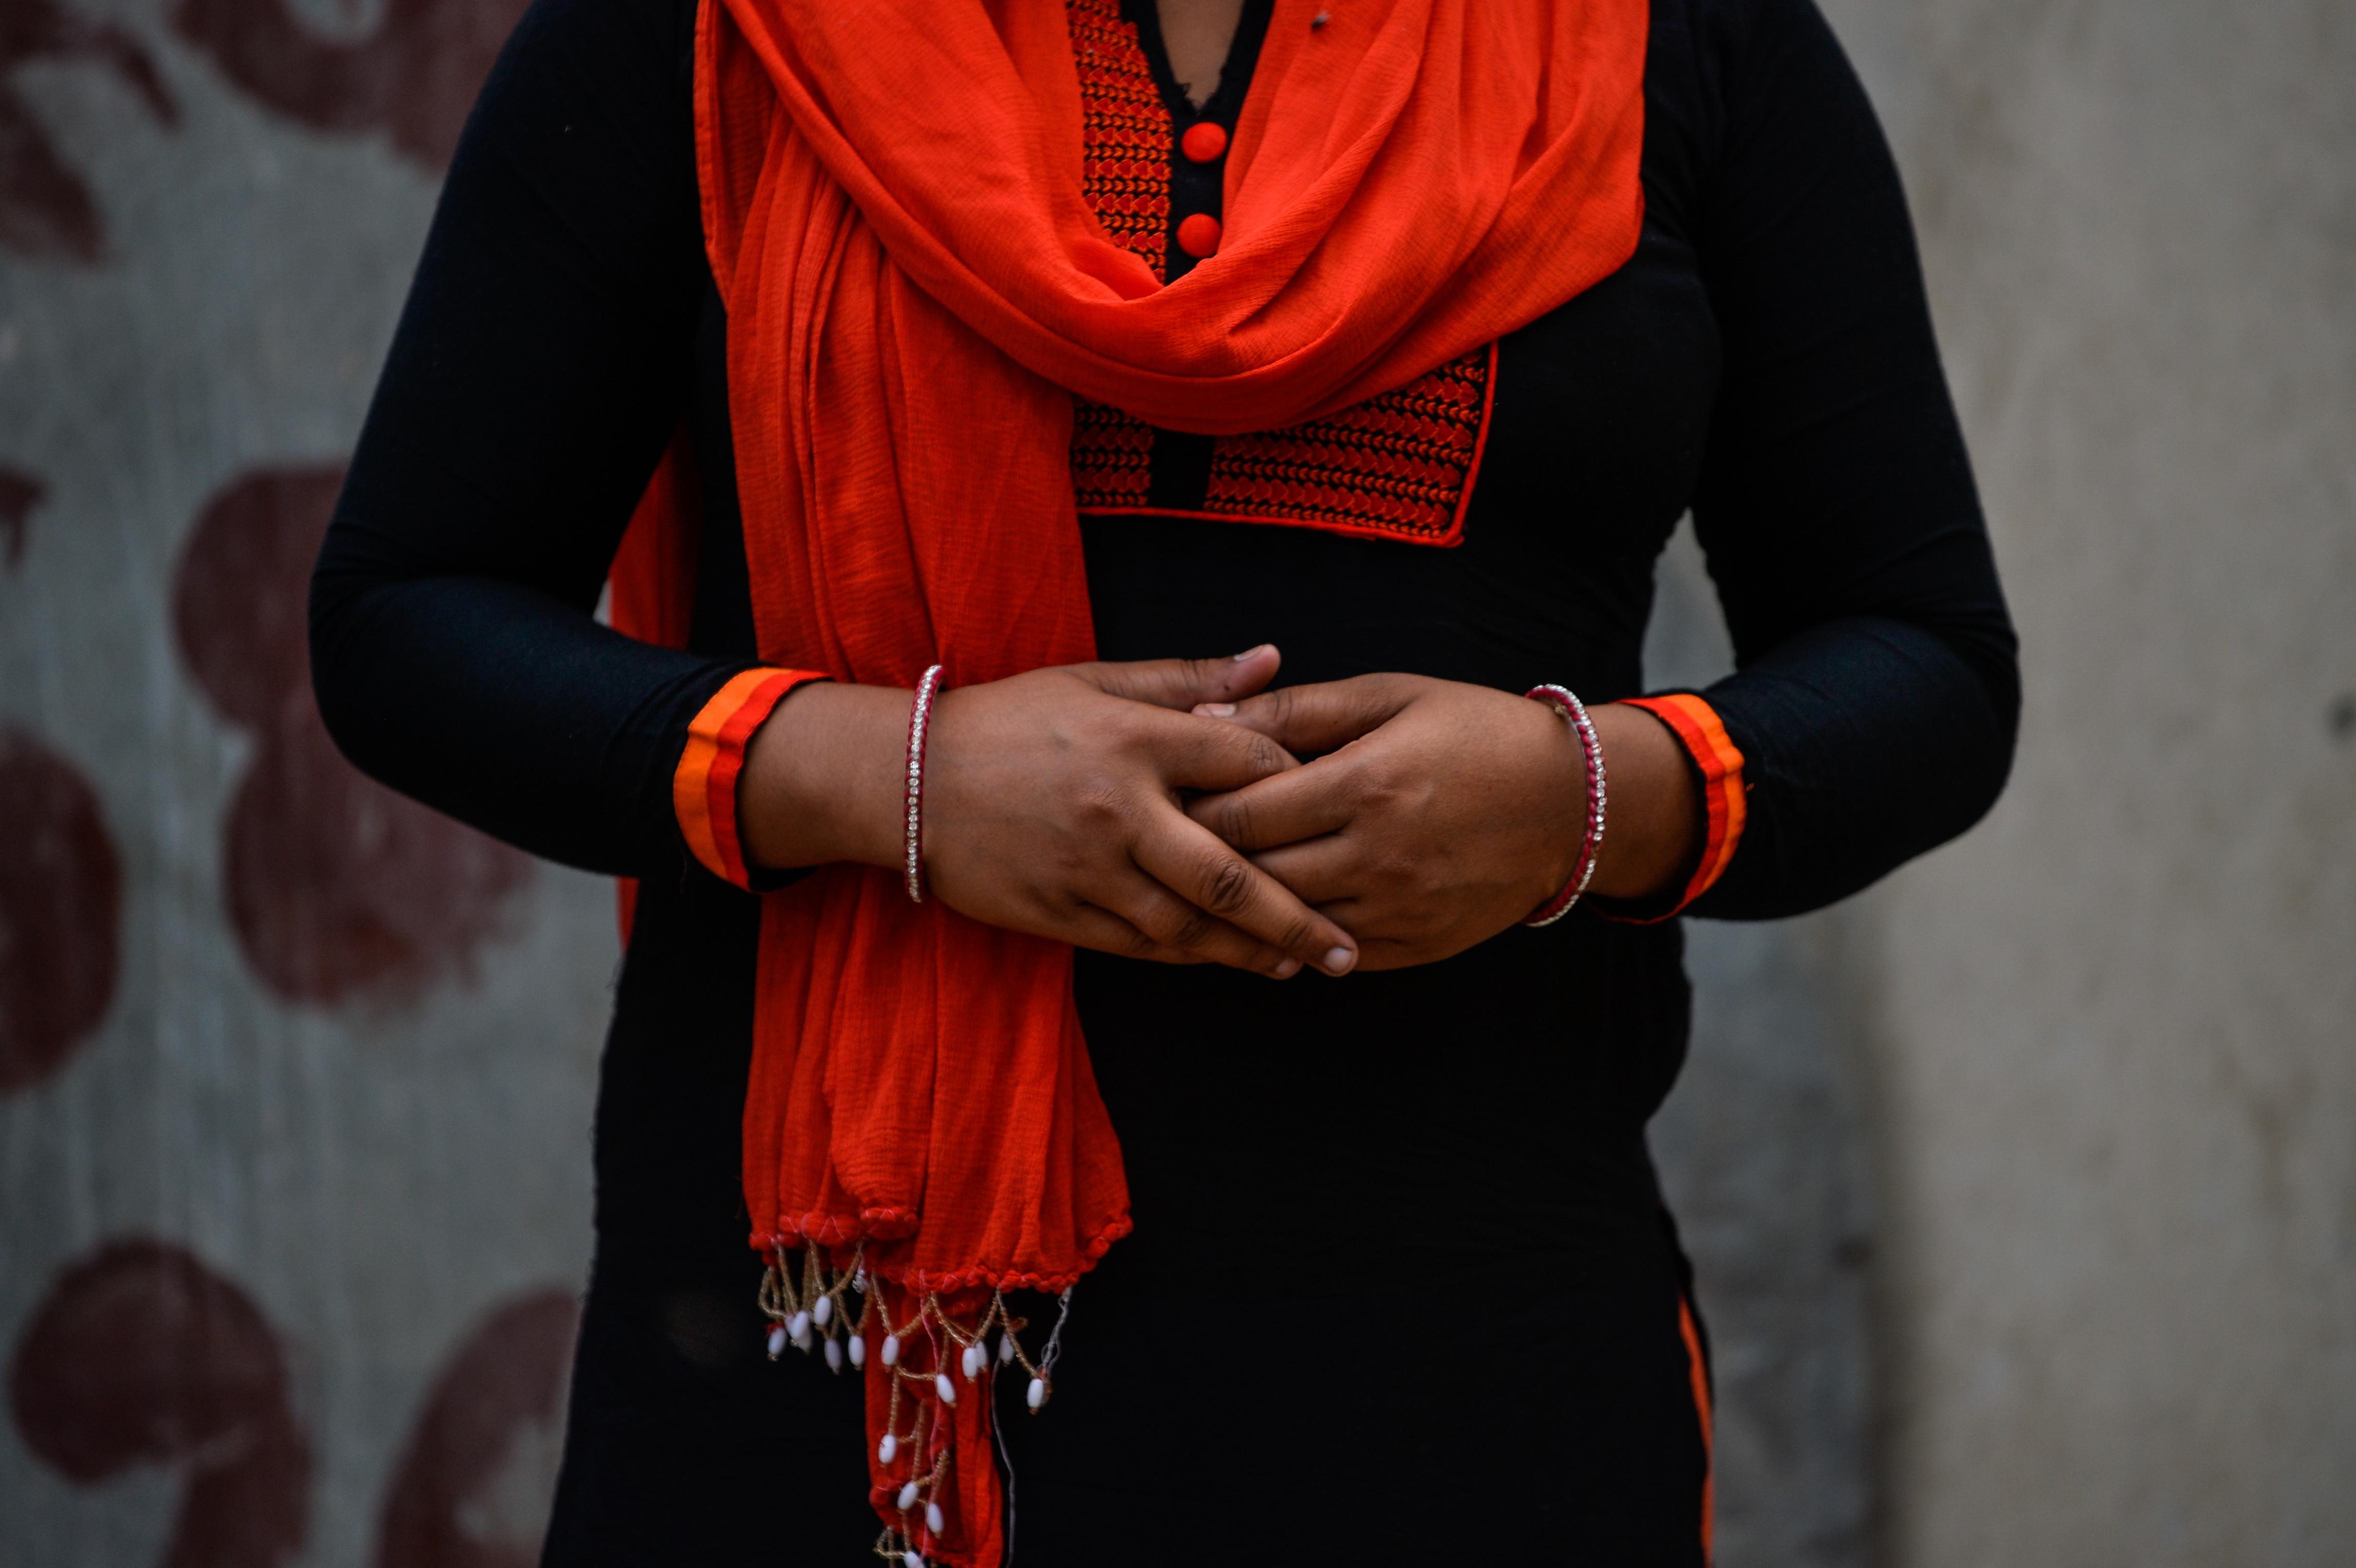 Egy indiai férfi rendszeresen zaklatott egy nőt, mire annak elege lett, és levágta a férfi farkát